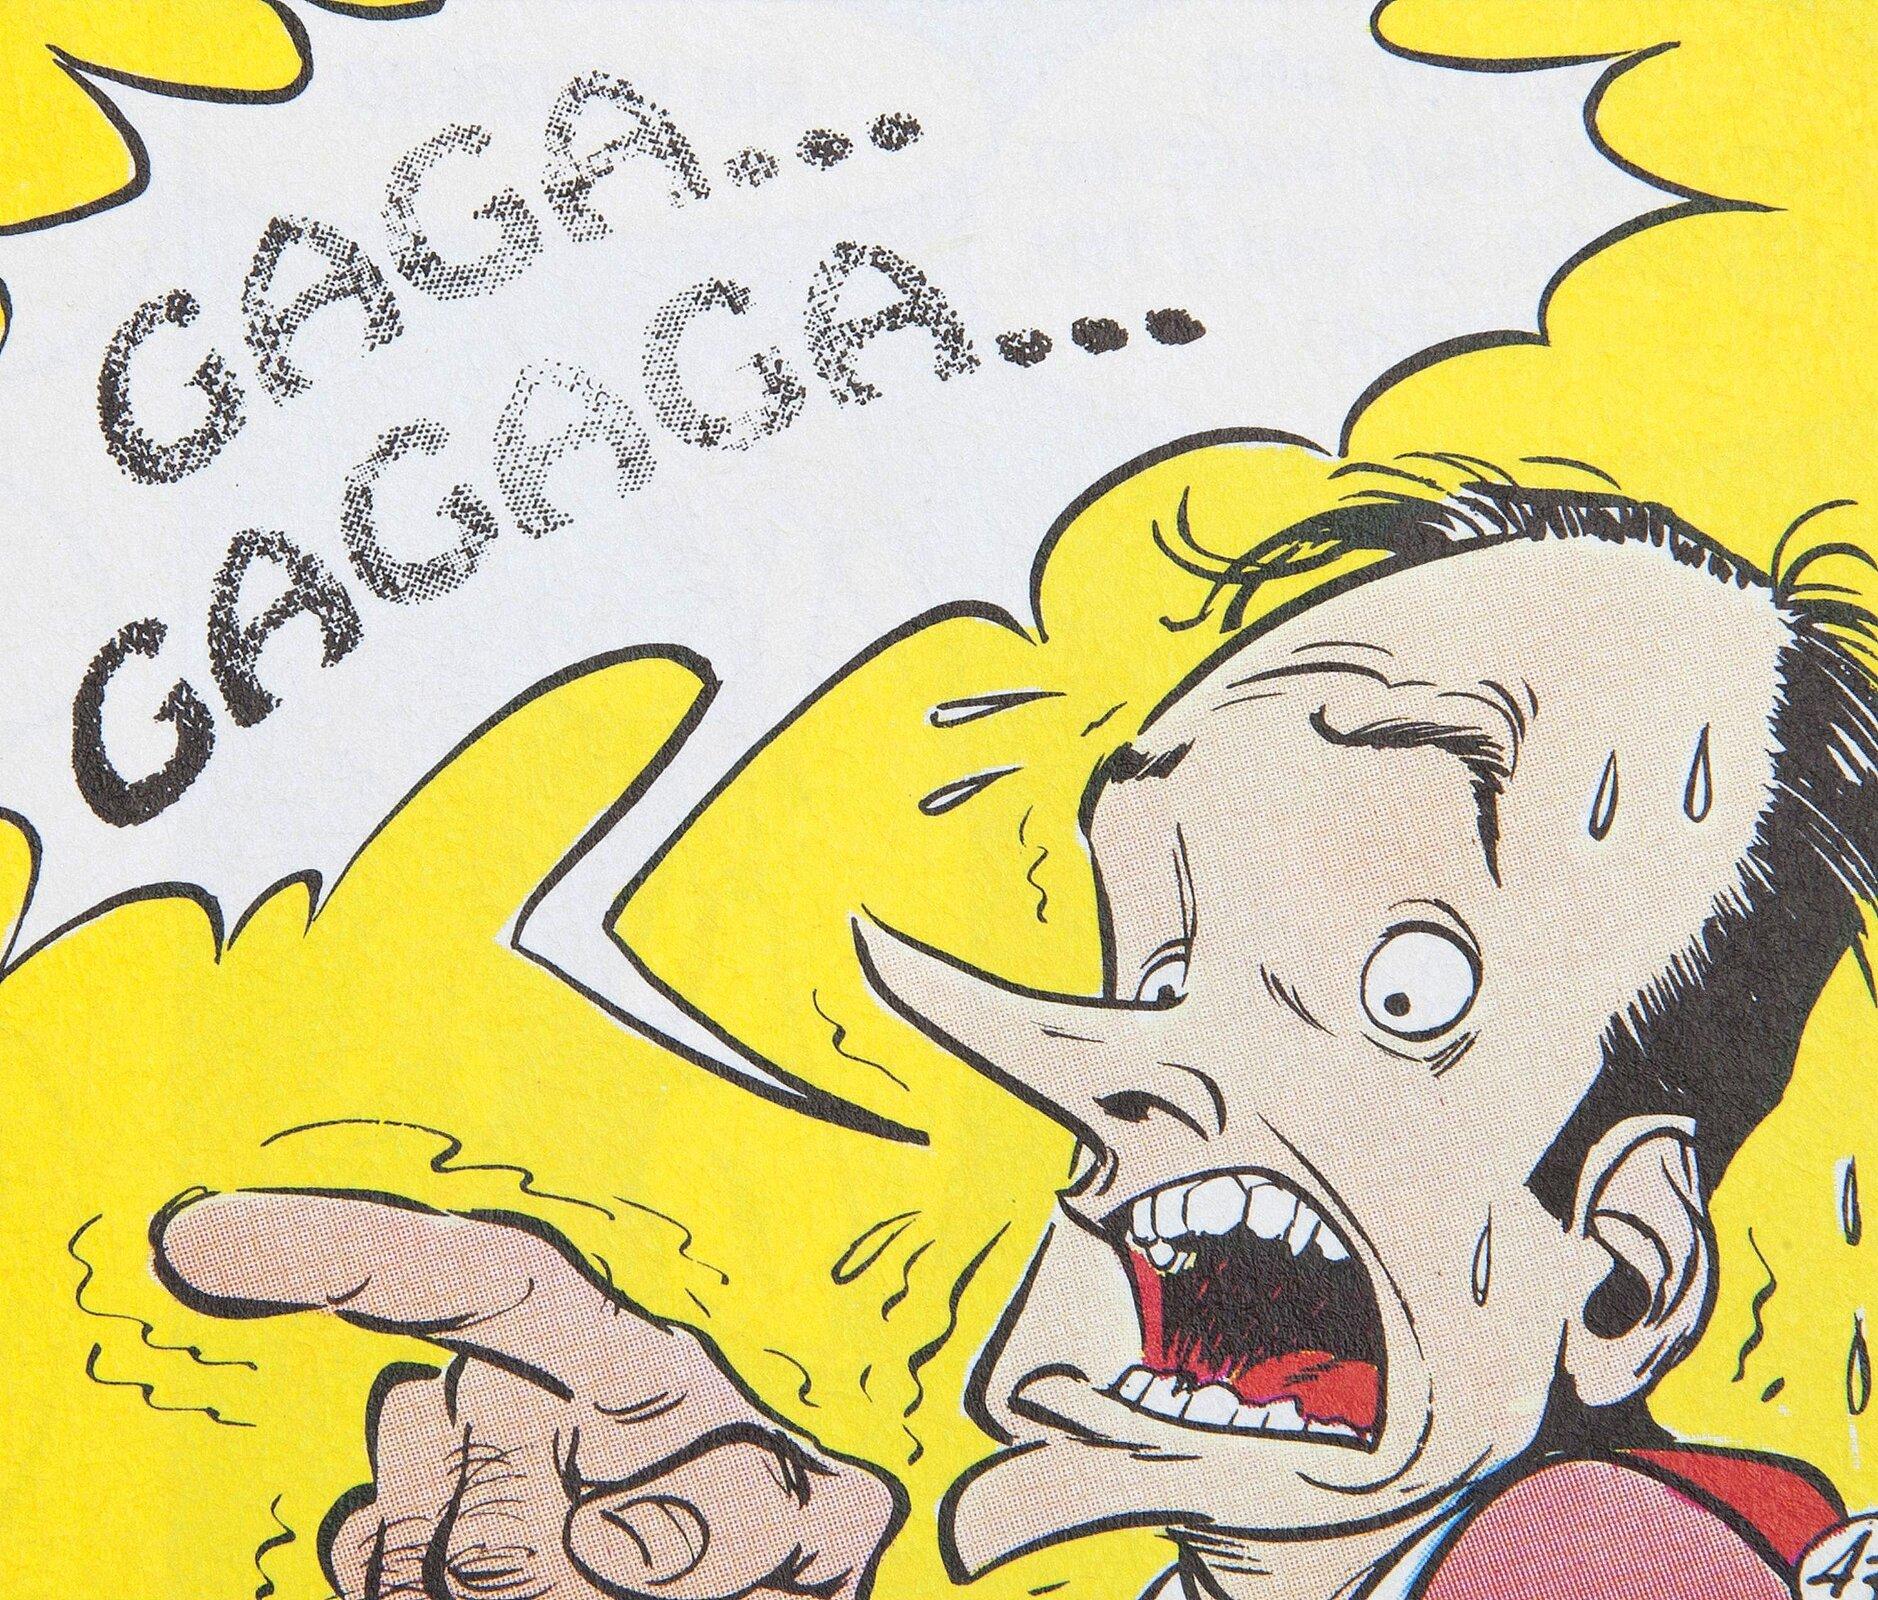 """Ilustracja przedstawia fragment komiksu """"Asterix. Obeliks ispółka"""". Ukazuje łysiejącego, przerażonego mężczyznę na żółtym tle, wskazującego przed siebie drżącym palcem. Jego usta są szeroko otwarte, azjego skroni kapie pot. Obok niego znajduje się kanciasty dymek ztekstem: Gaga... Gagaga..."""